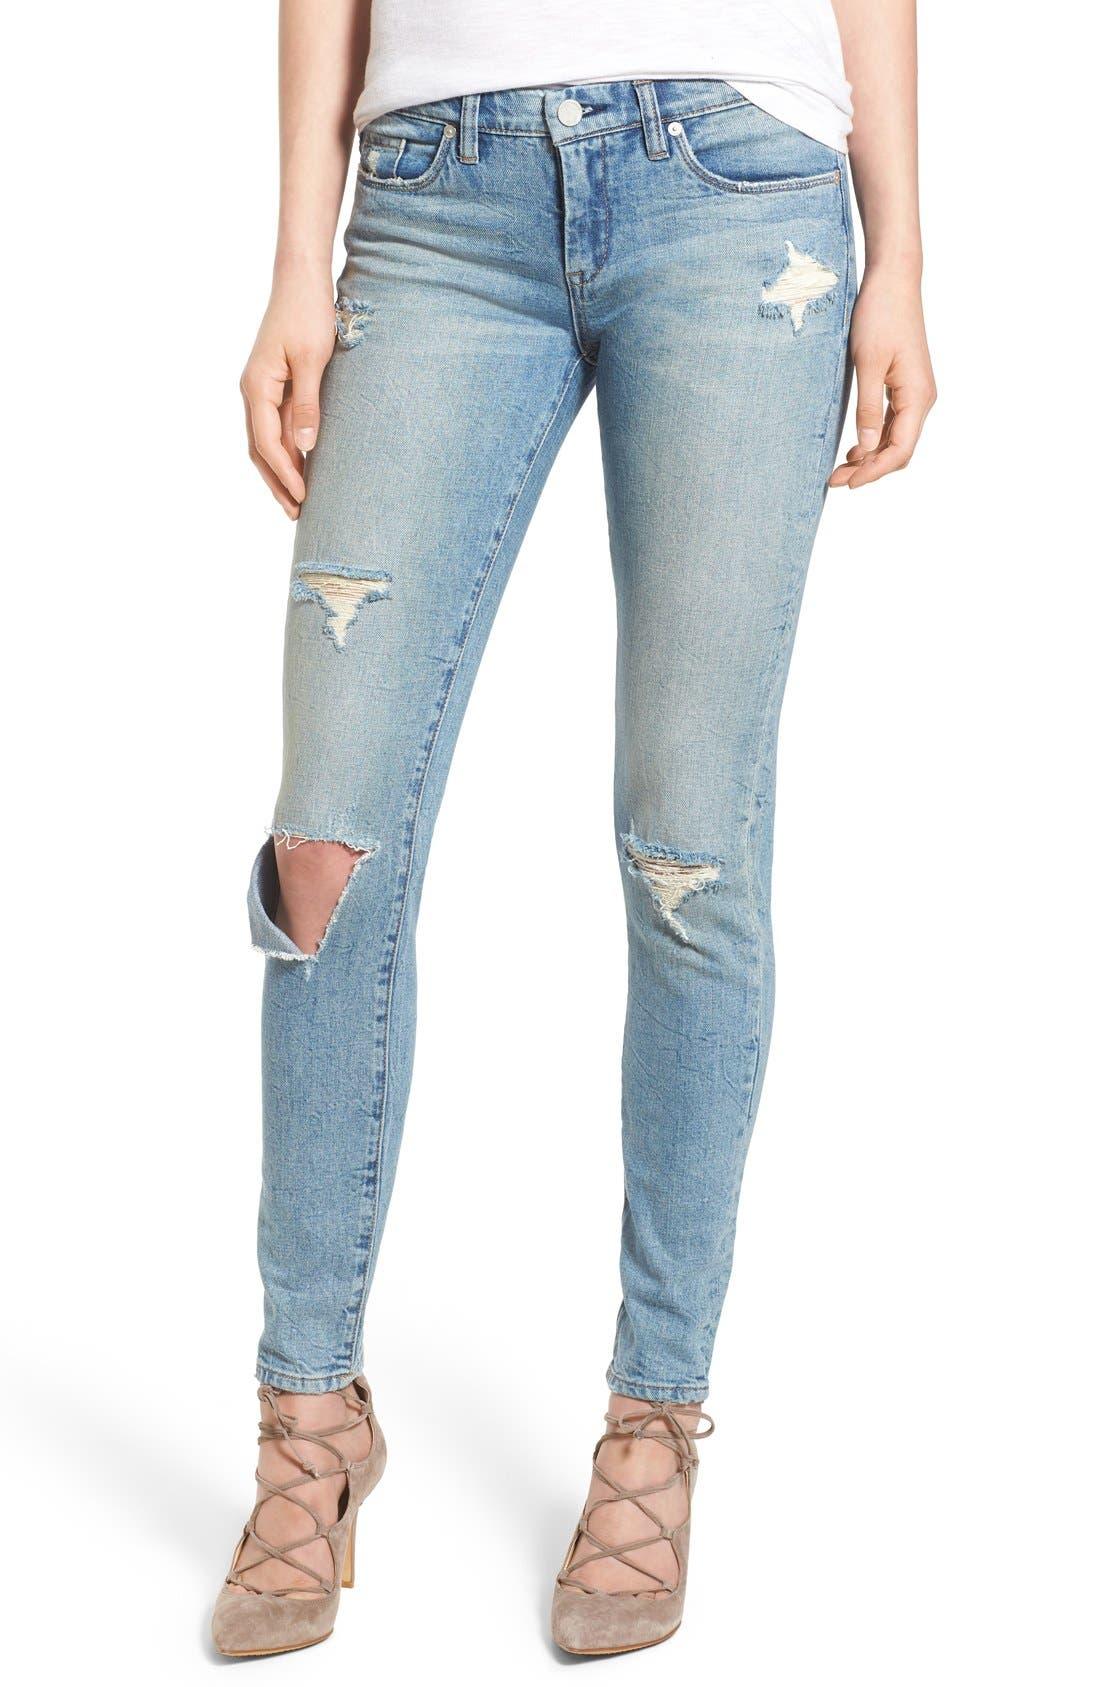 Main Image - BLANKNYC 'Skinny Dipper' Distressed Skinny Jeans